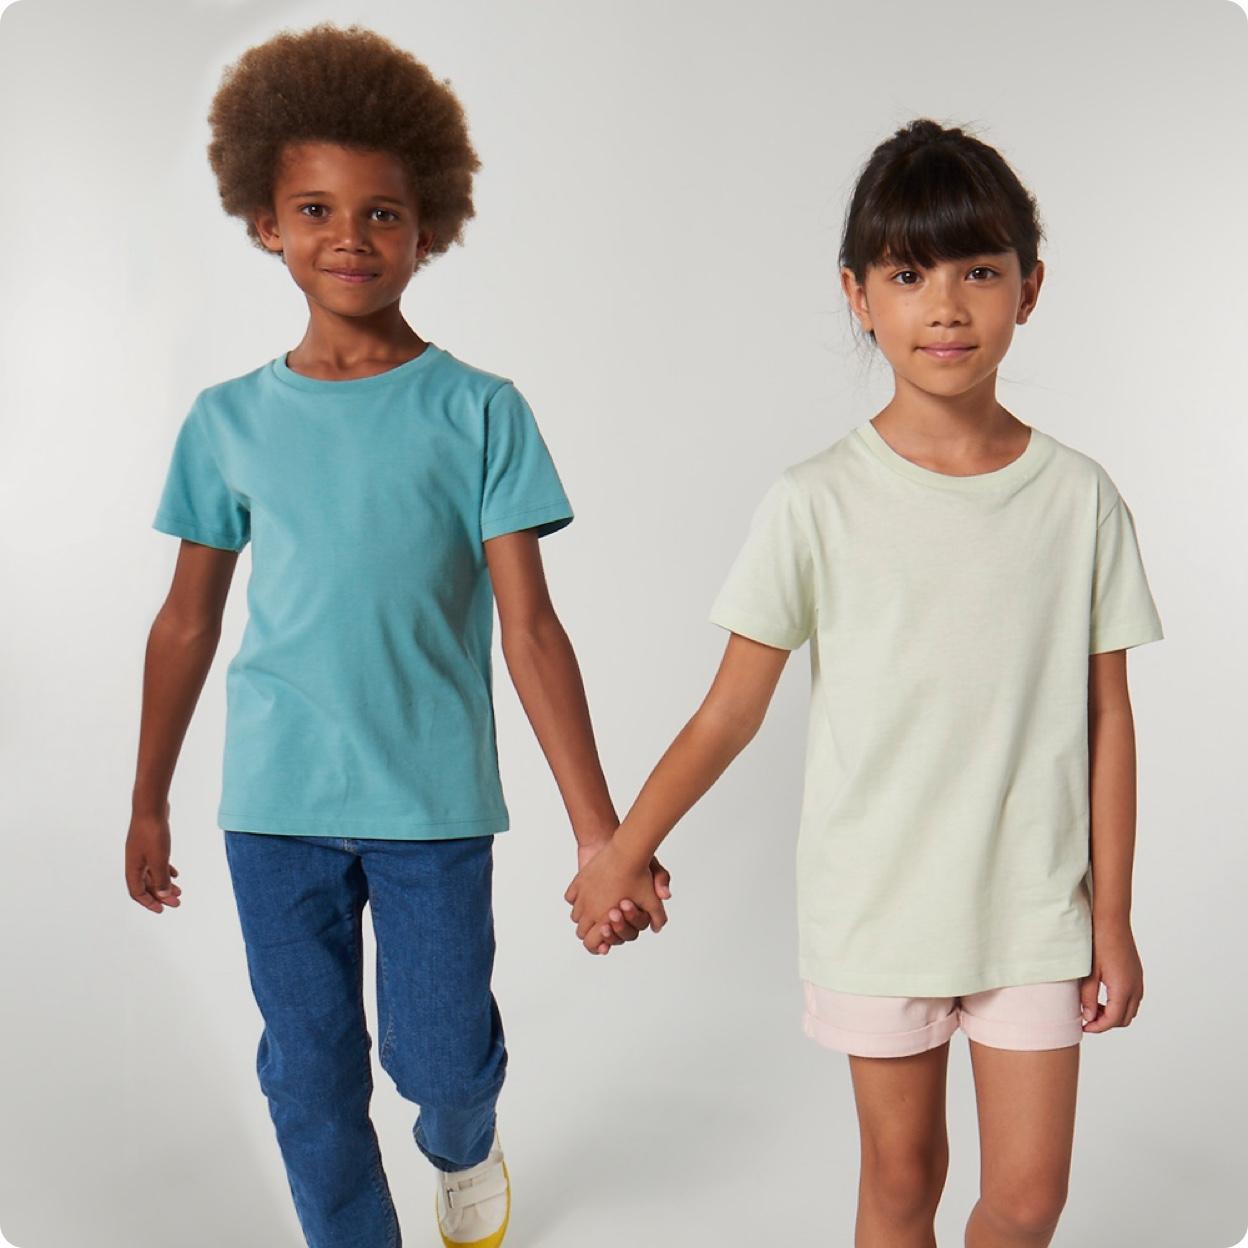 Visuel d'enfants qui portent des t-shirts personnalisables Stanley Stella et qui se tiennent la main comme pour exprimer le partenariat entre Stanley Stella et Mister Tee